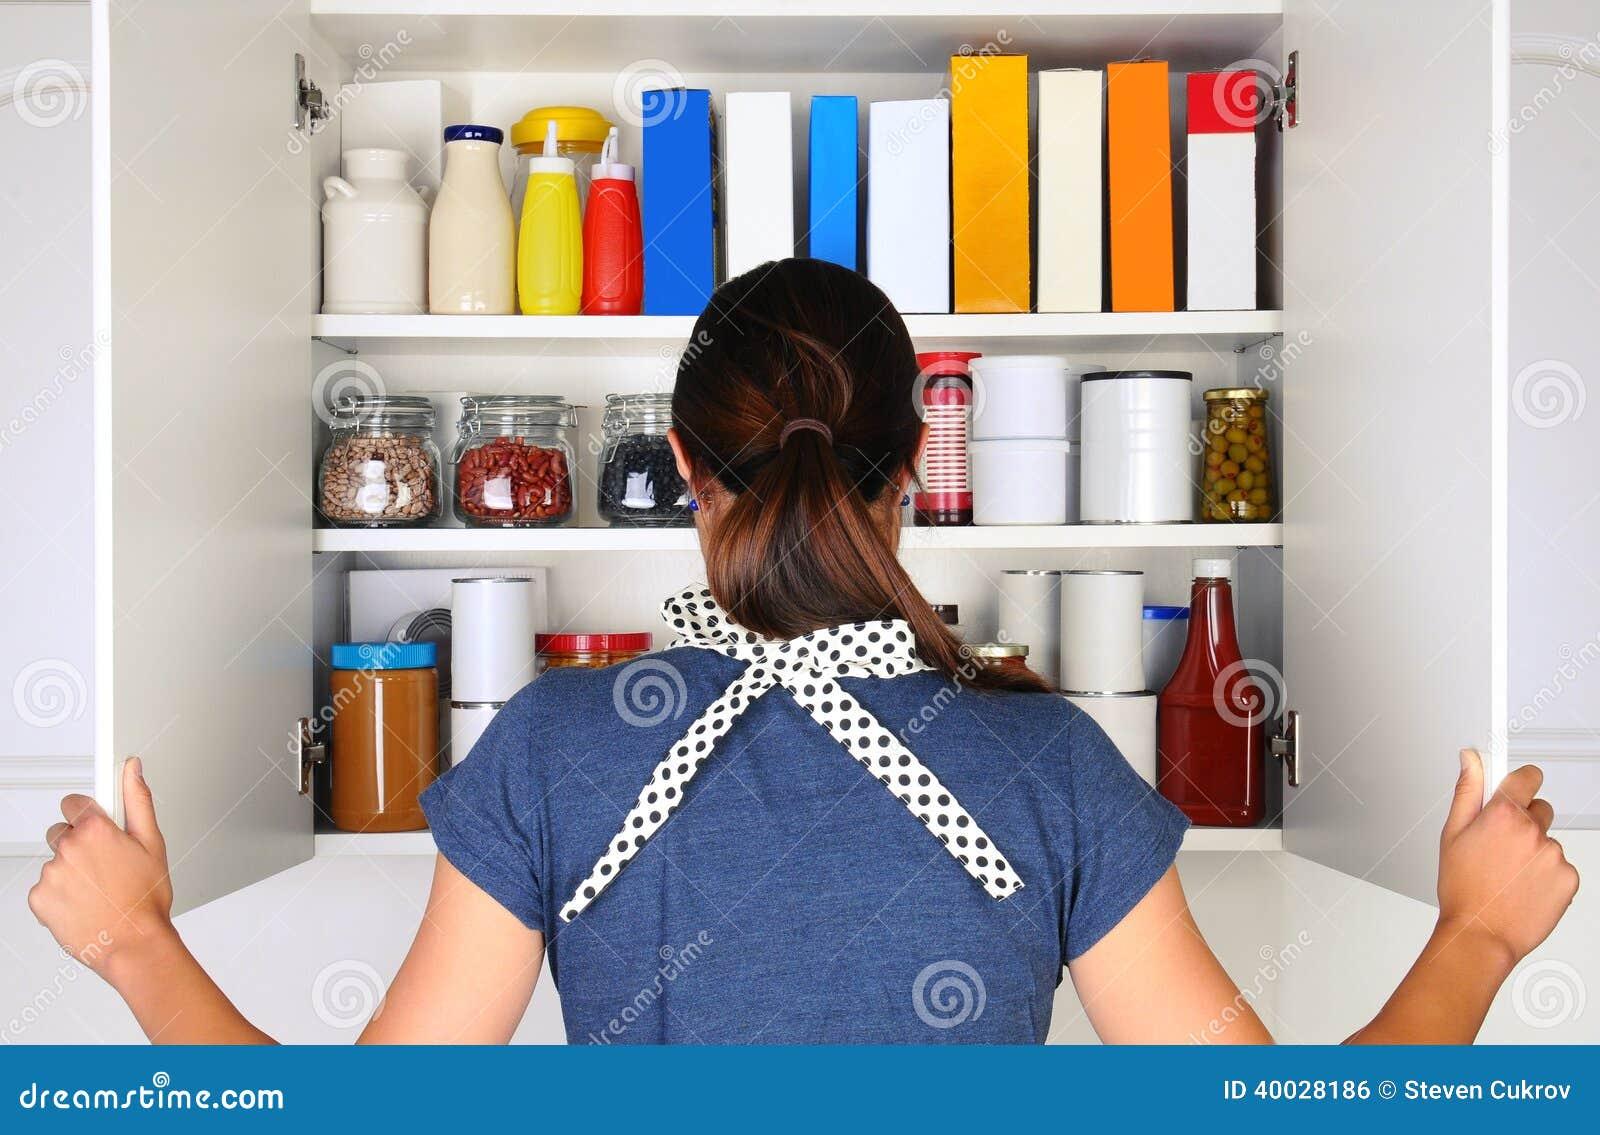 Voorraadkast Met Deuren : Vrouw die volledige voorraadkast openen stock foto afbeelding